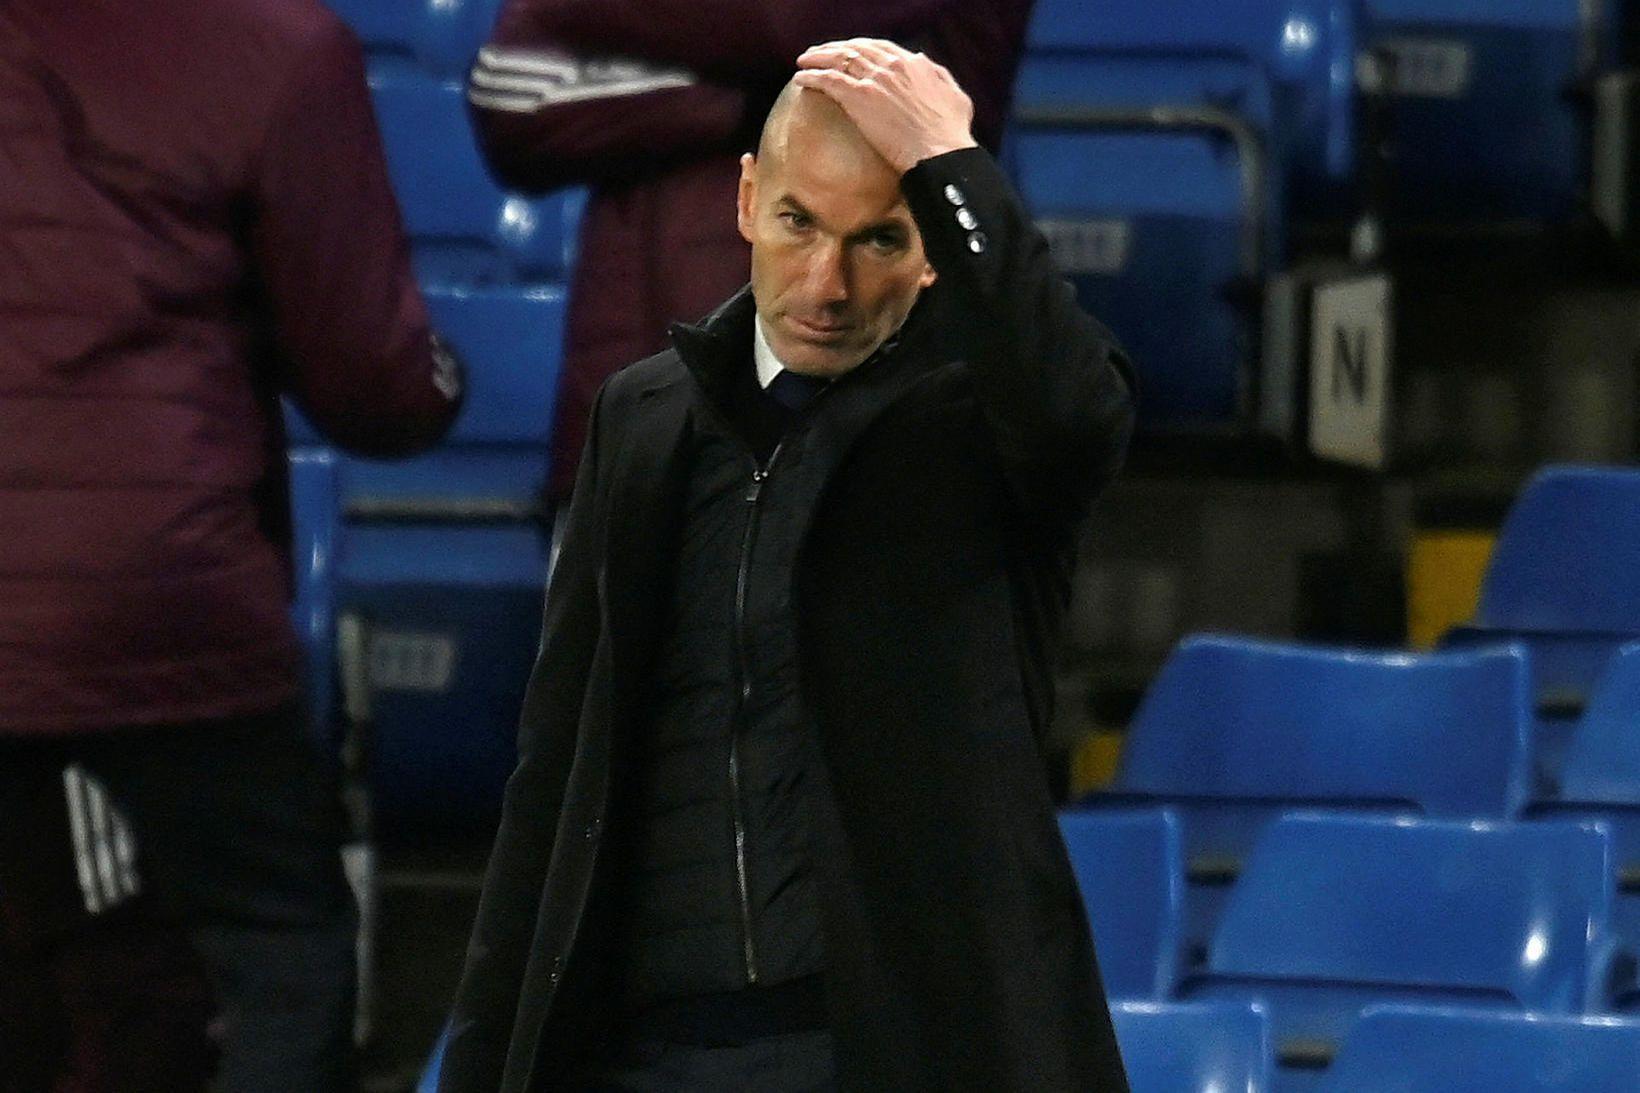 Zinedine Zidane mun yfirgefa Real Madríd í lok tímabilsins.